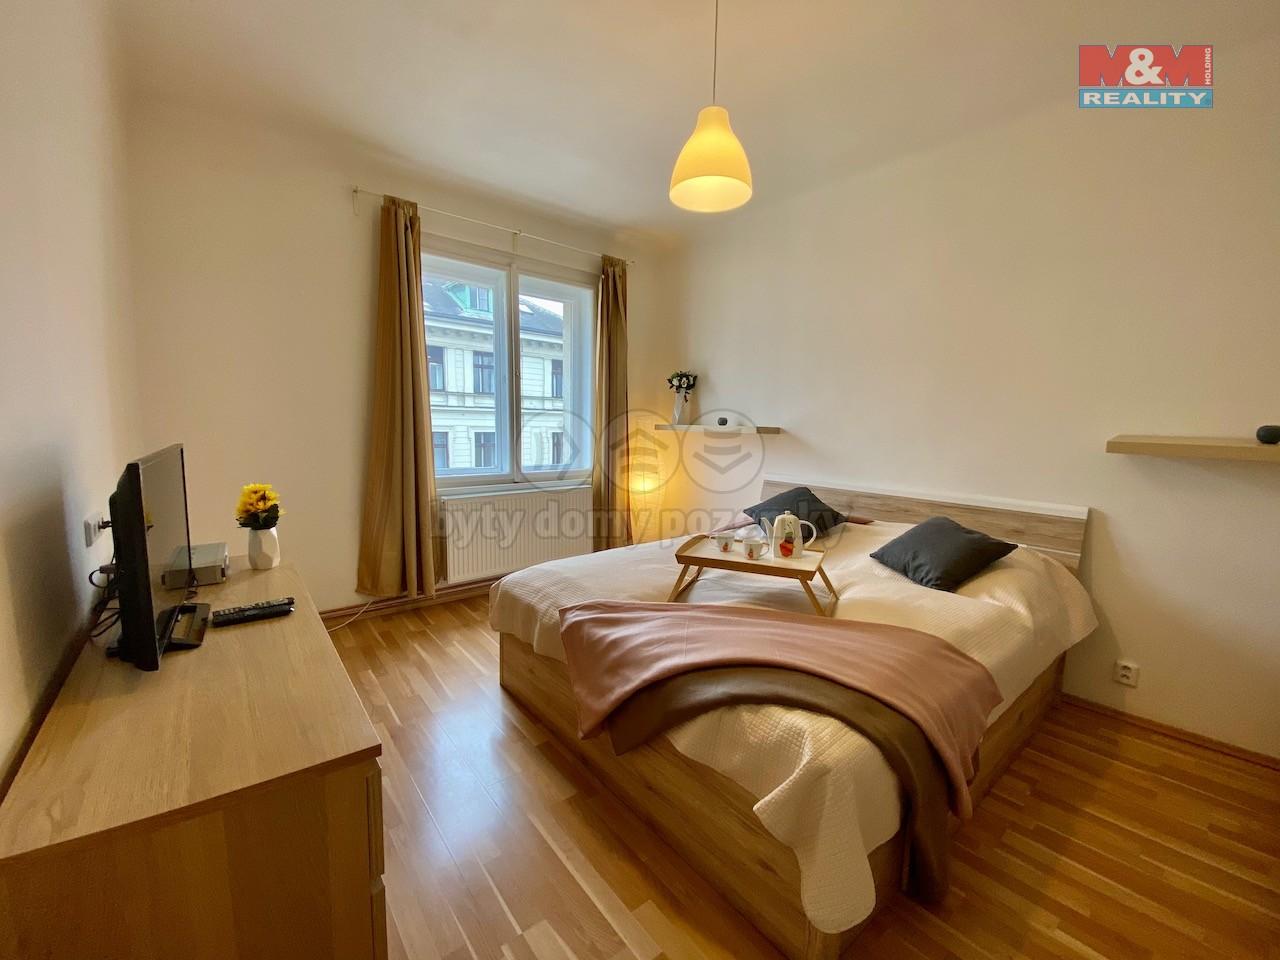 Pronájem bytu 3+kk , 63 m² Opletalova, Praha 1 - Nové Město